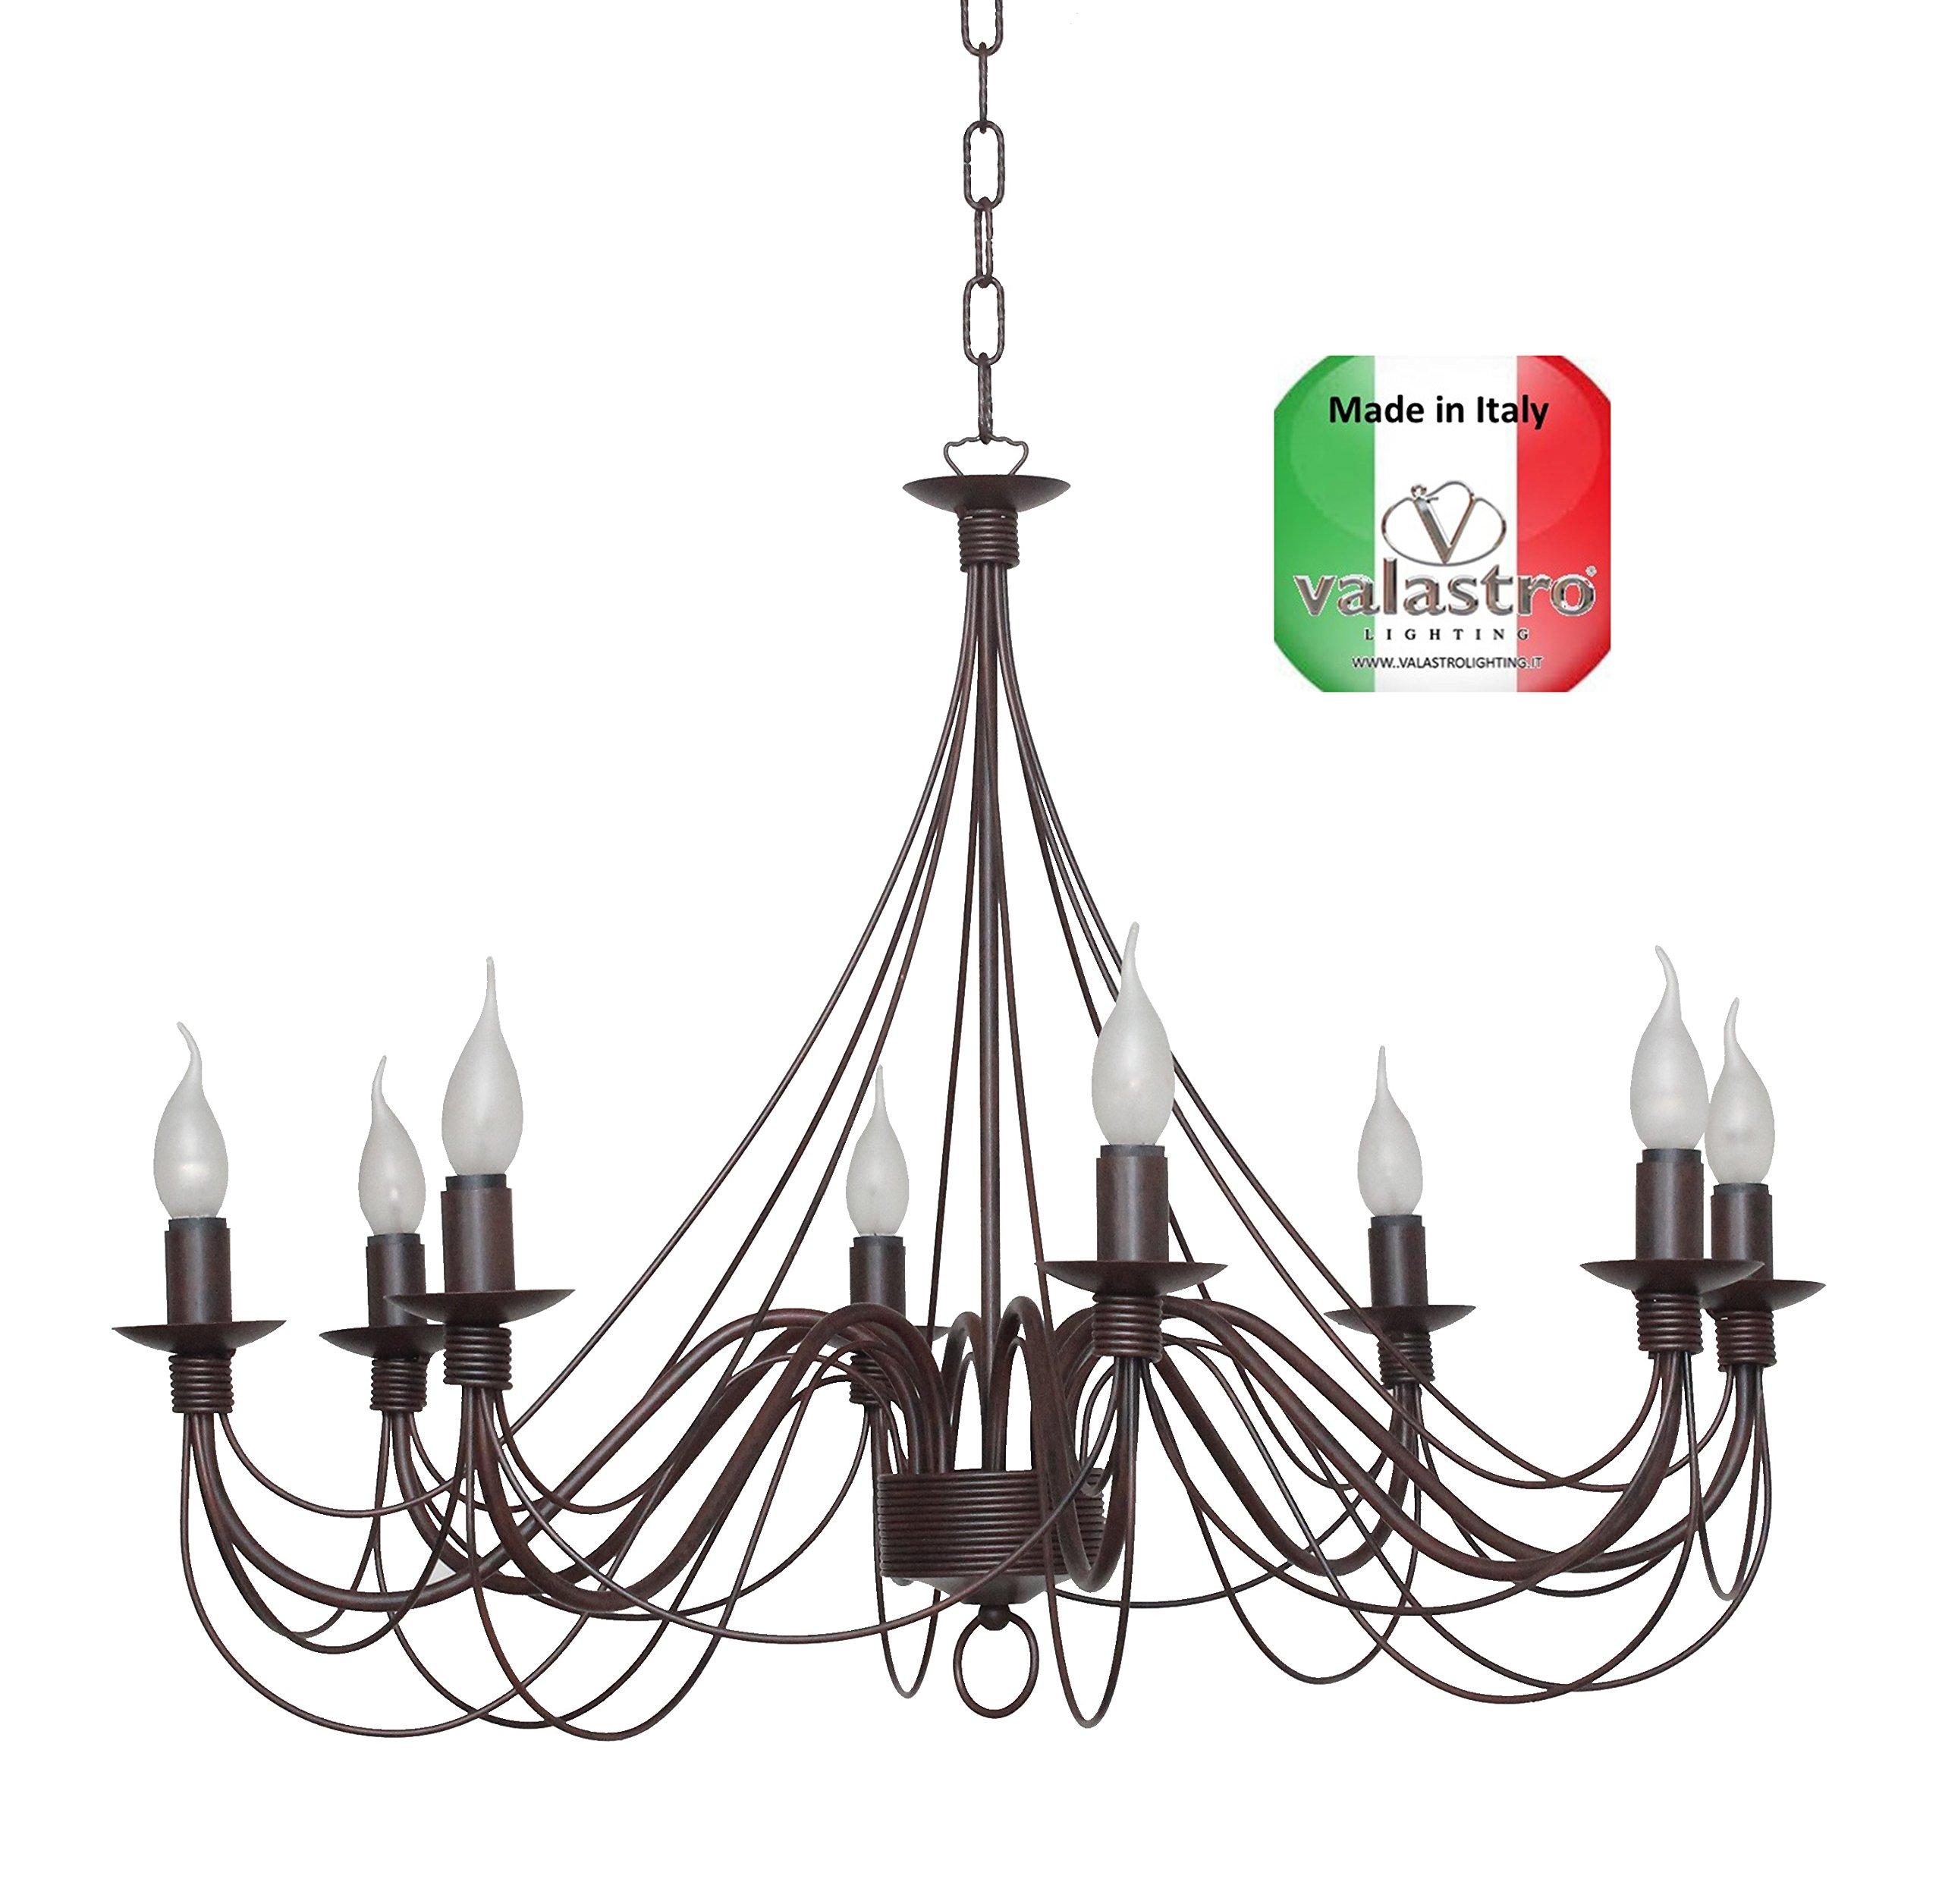 VALFB34300 SP8 NR CASCINA Lampadario Made in Italy a sospensione vintage in Ferro Battuto modellato a mano Nero/ruggine Prodotto da Valastro Lighting